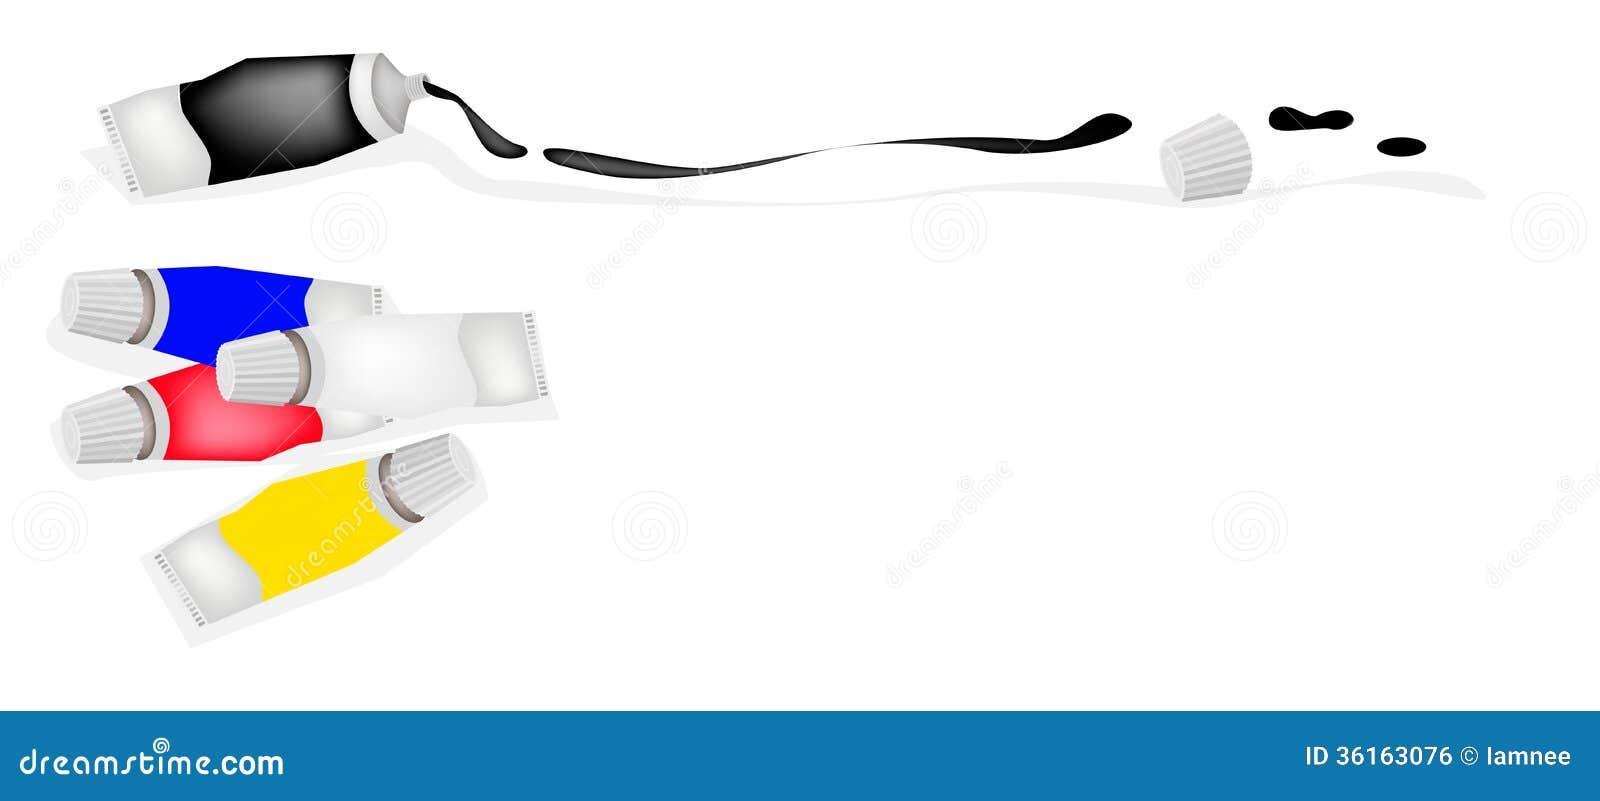 Prim Rfarben malen sie rohr primärfarben mit weiß und schwarzem lizenzfreies stockbild bild 36163076